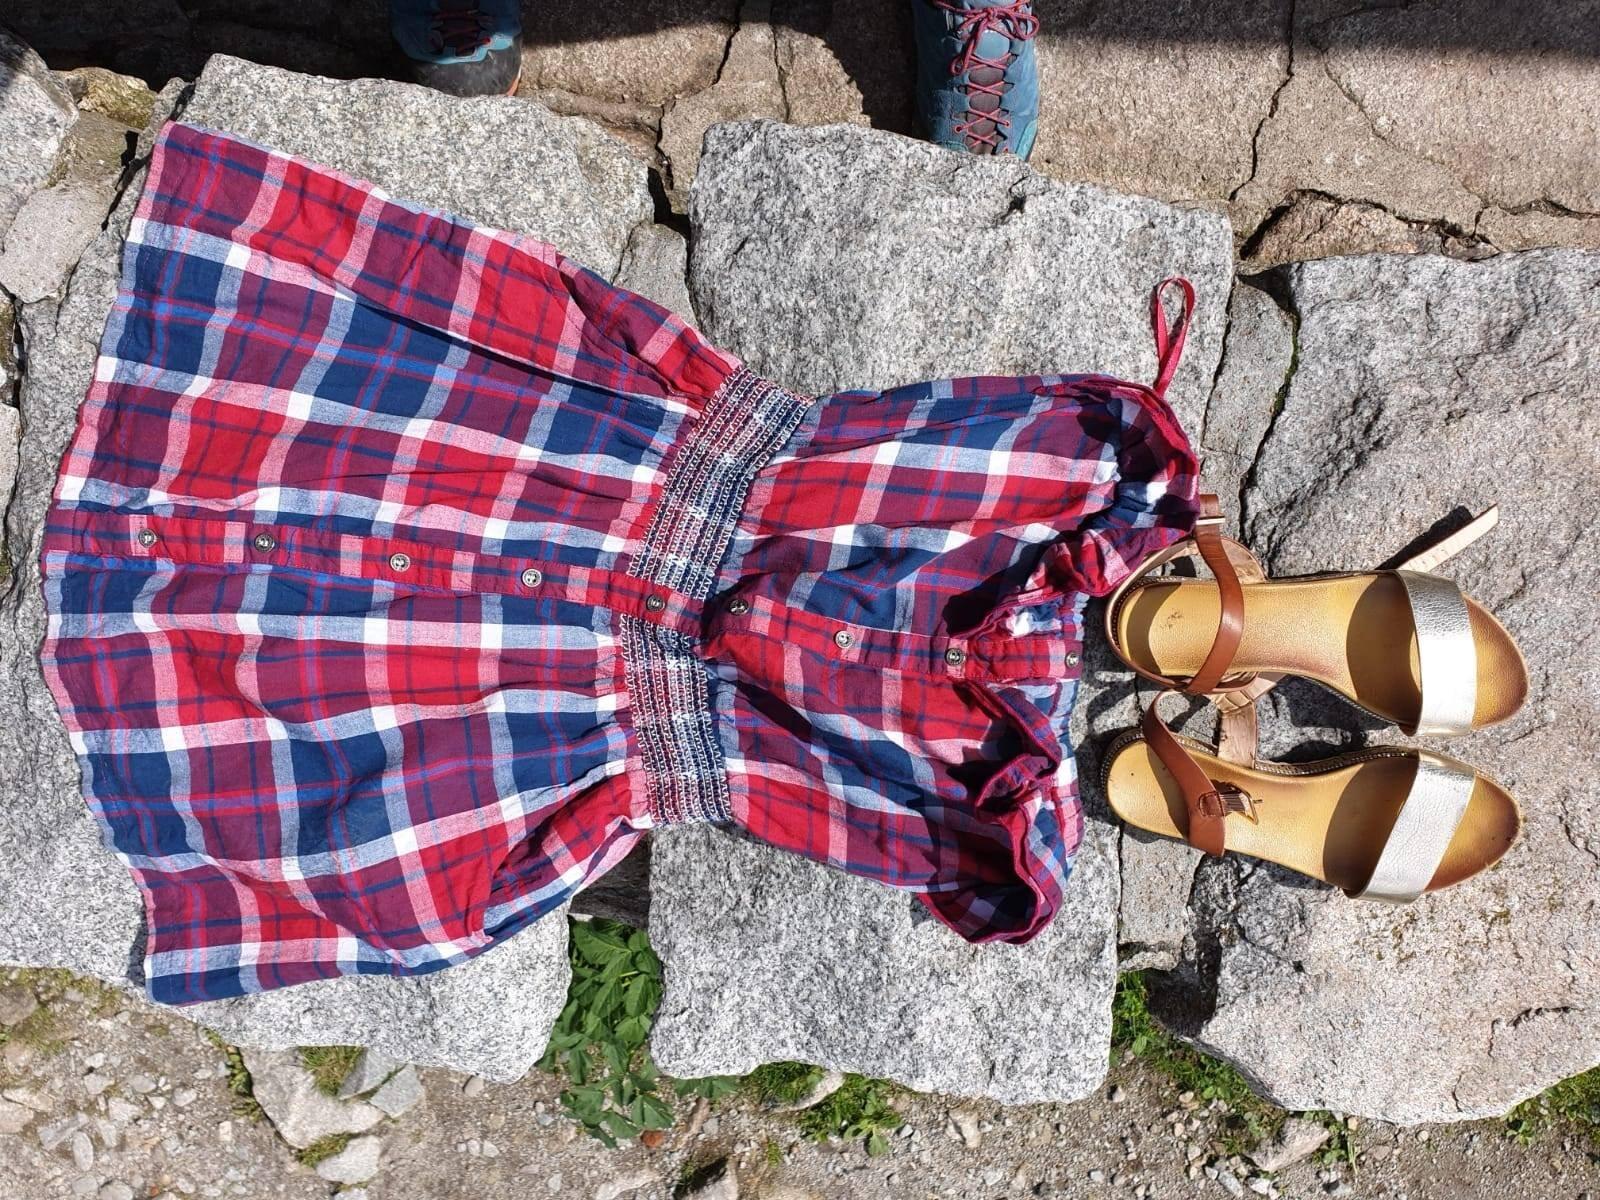 W Dolinie Pięciu Stawów, przy wypływie potoku z Wielkiego Stawu znaleziono damską odzież.